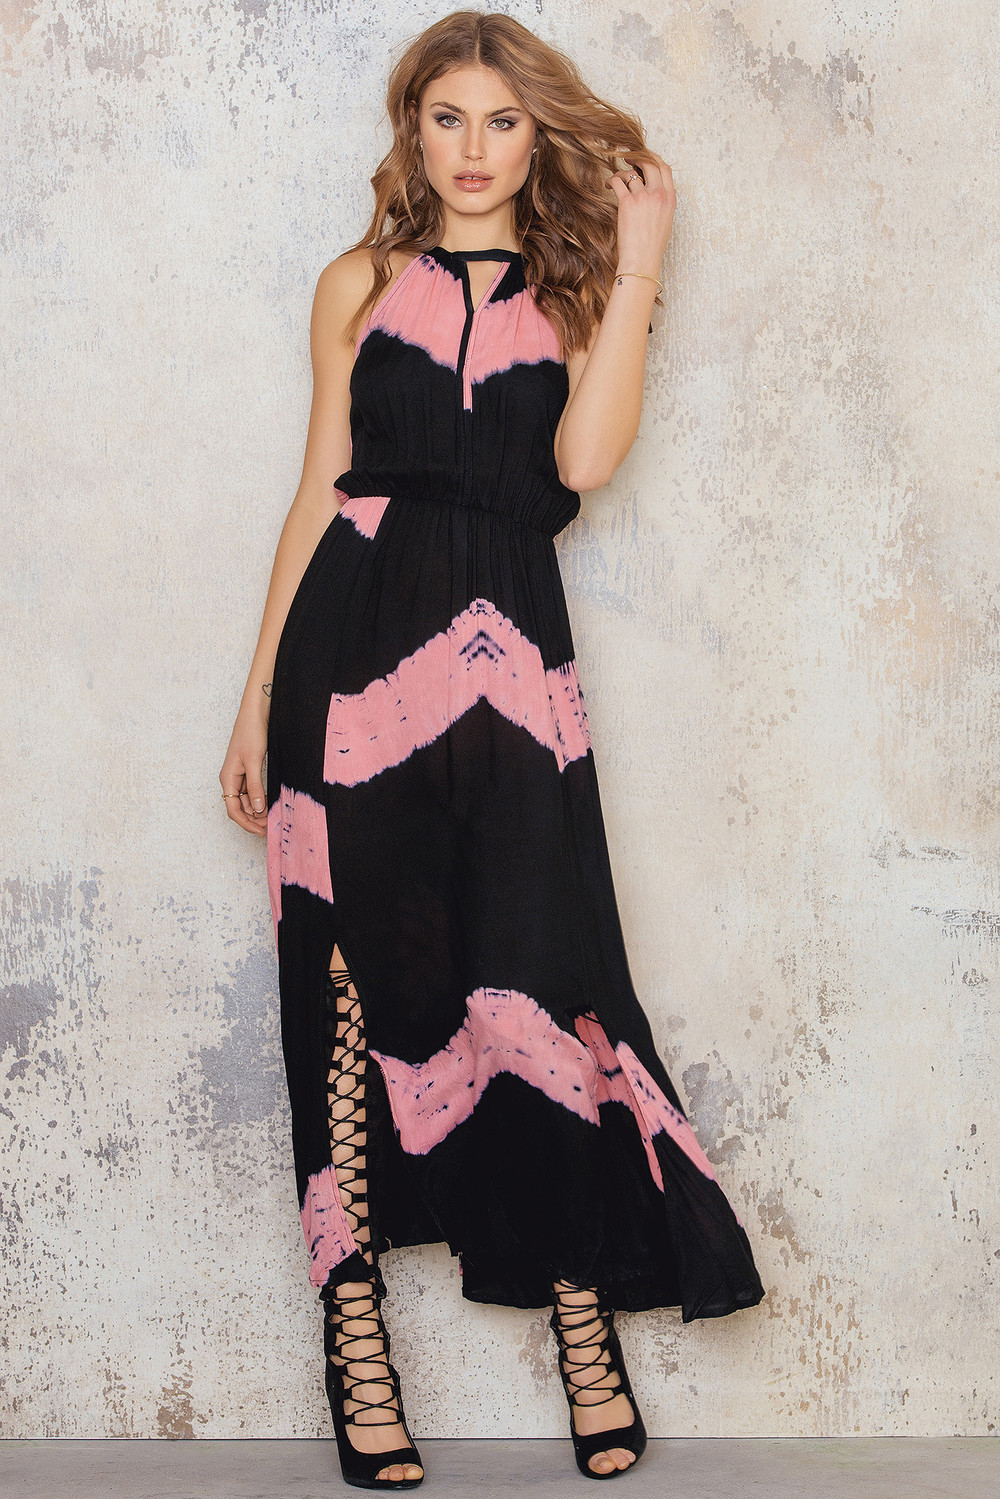 Stella Tie Dye Printed Maxi Dress